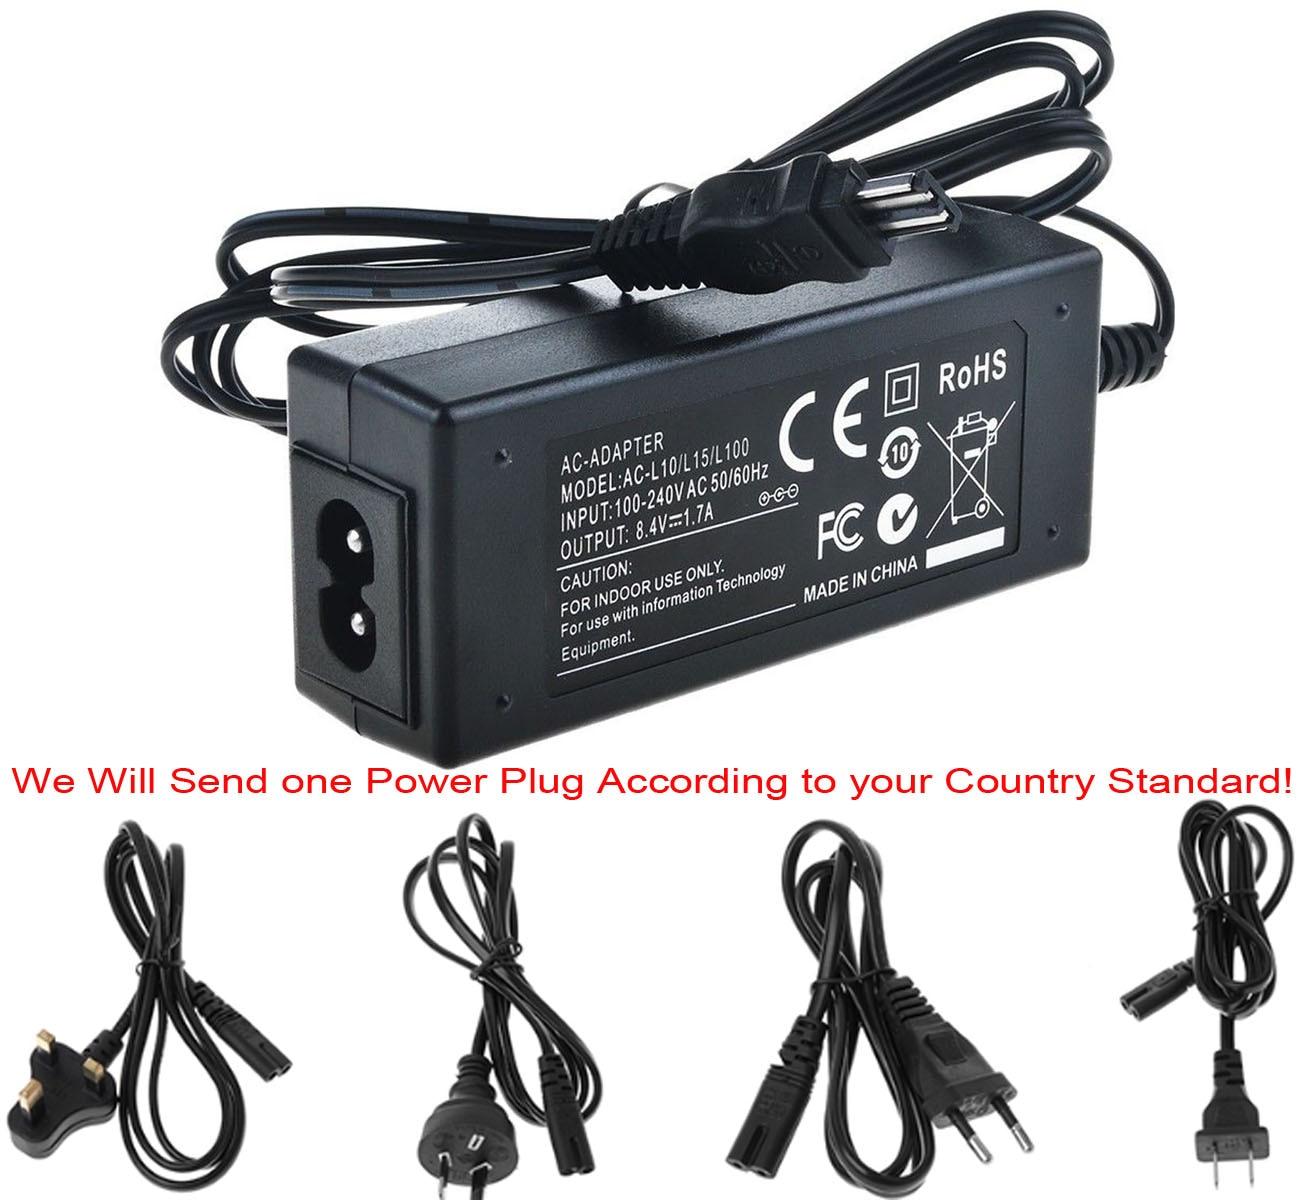 AC Cargador/adaptador de corriente para Sony HVR-A1... HVR-A1E... HVR-HD1000... HVR-HD1000E... HVR-HD1000P... HVR-HD1000U...